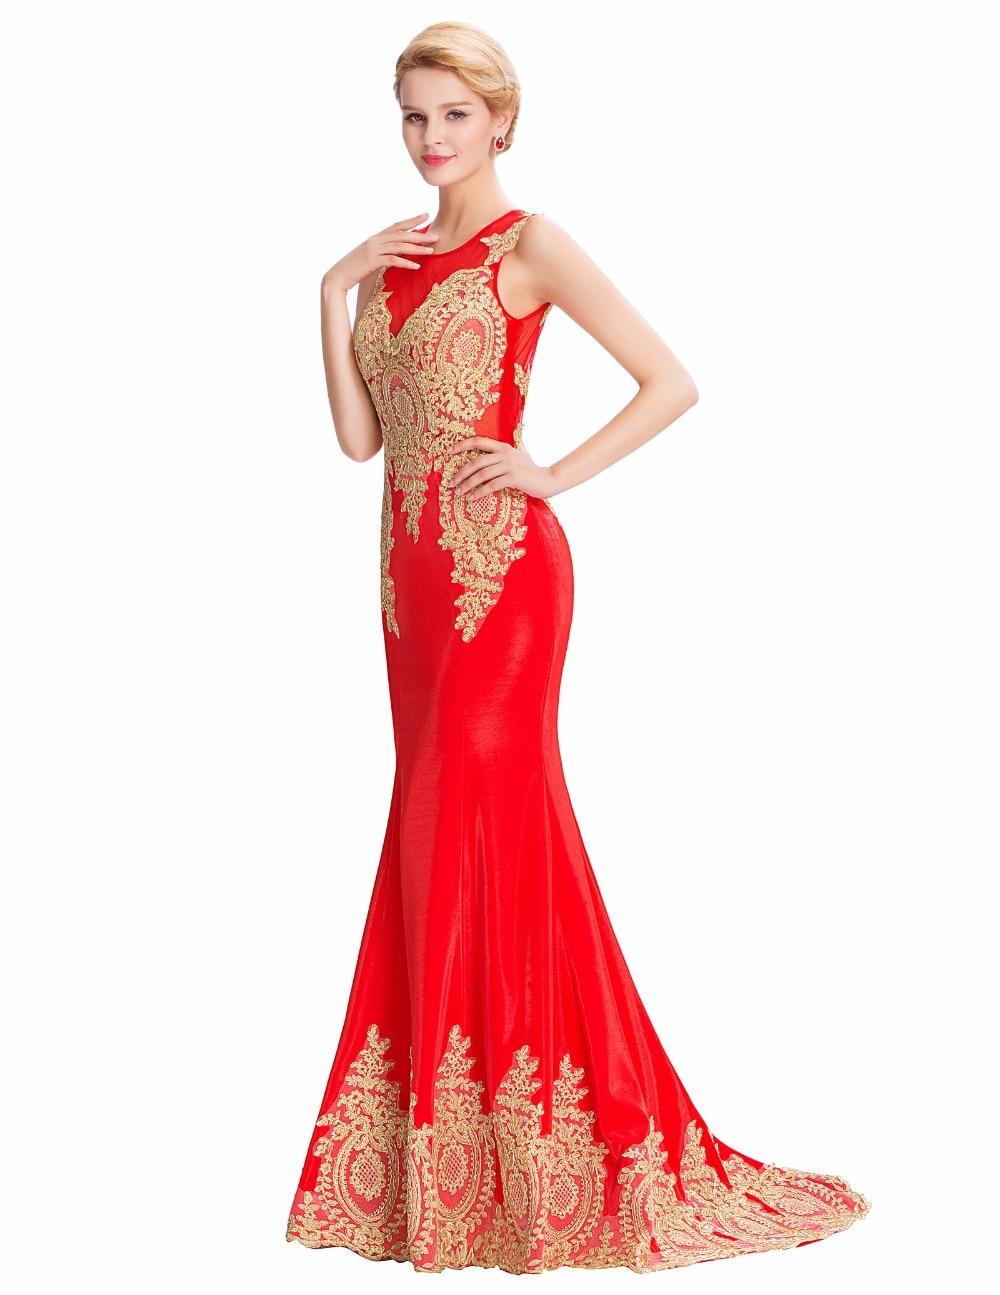 long evening dress 2016 new arrival long formal dresses. Black Bedroom Furniture Sets. Home Design Ideas